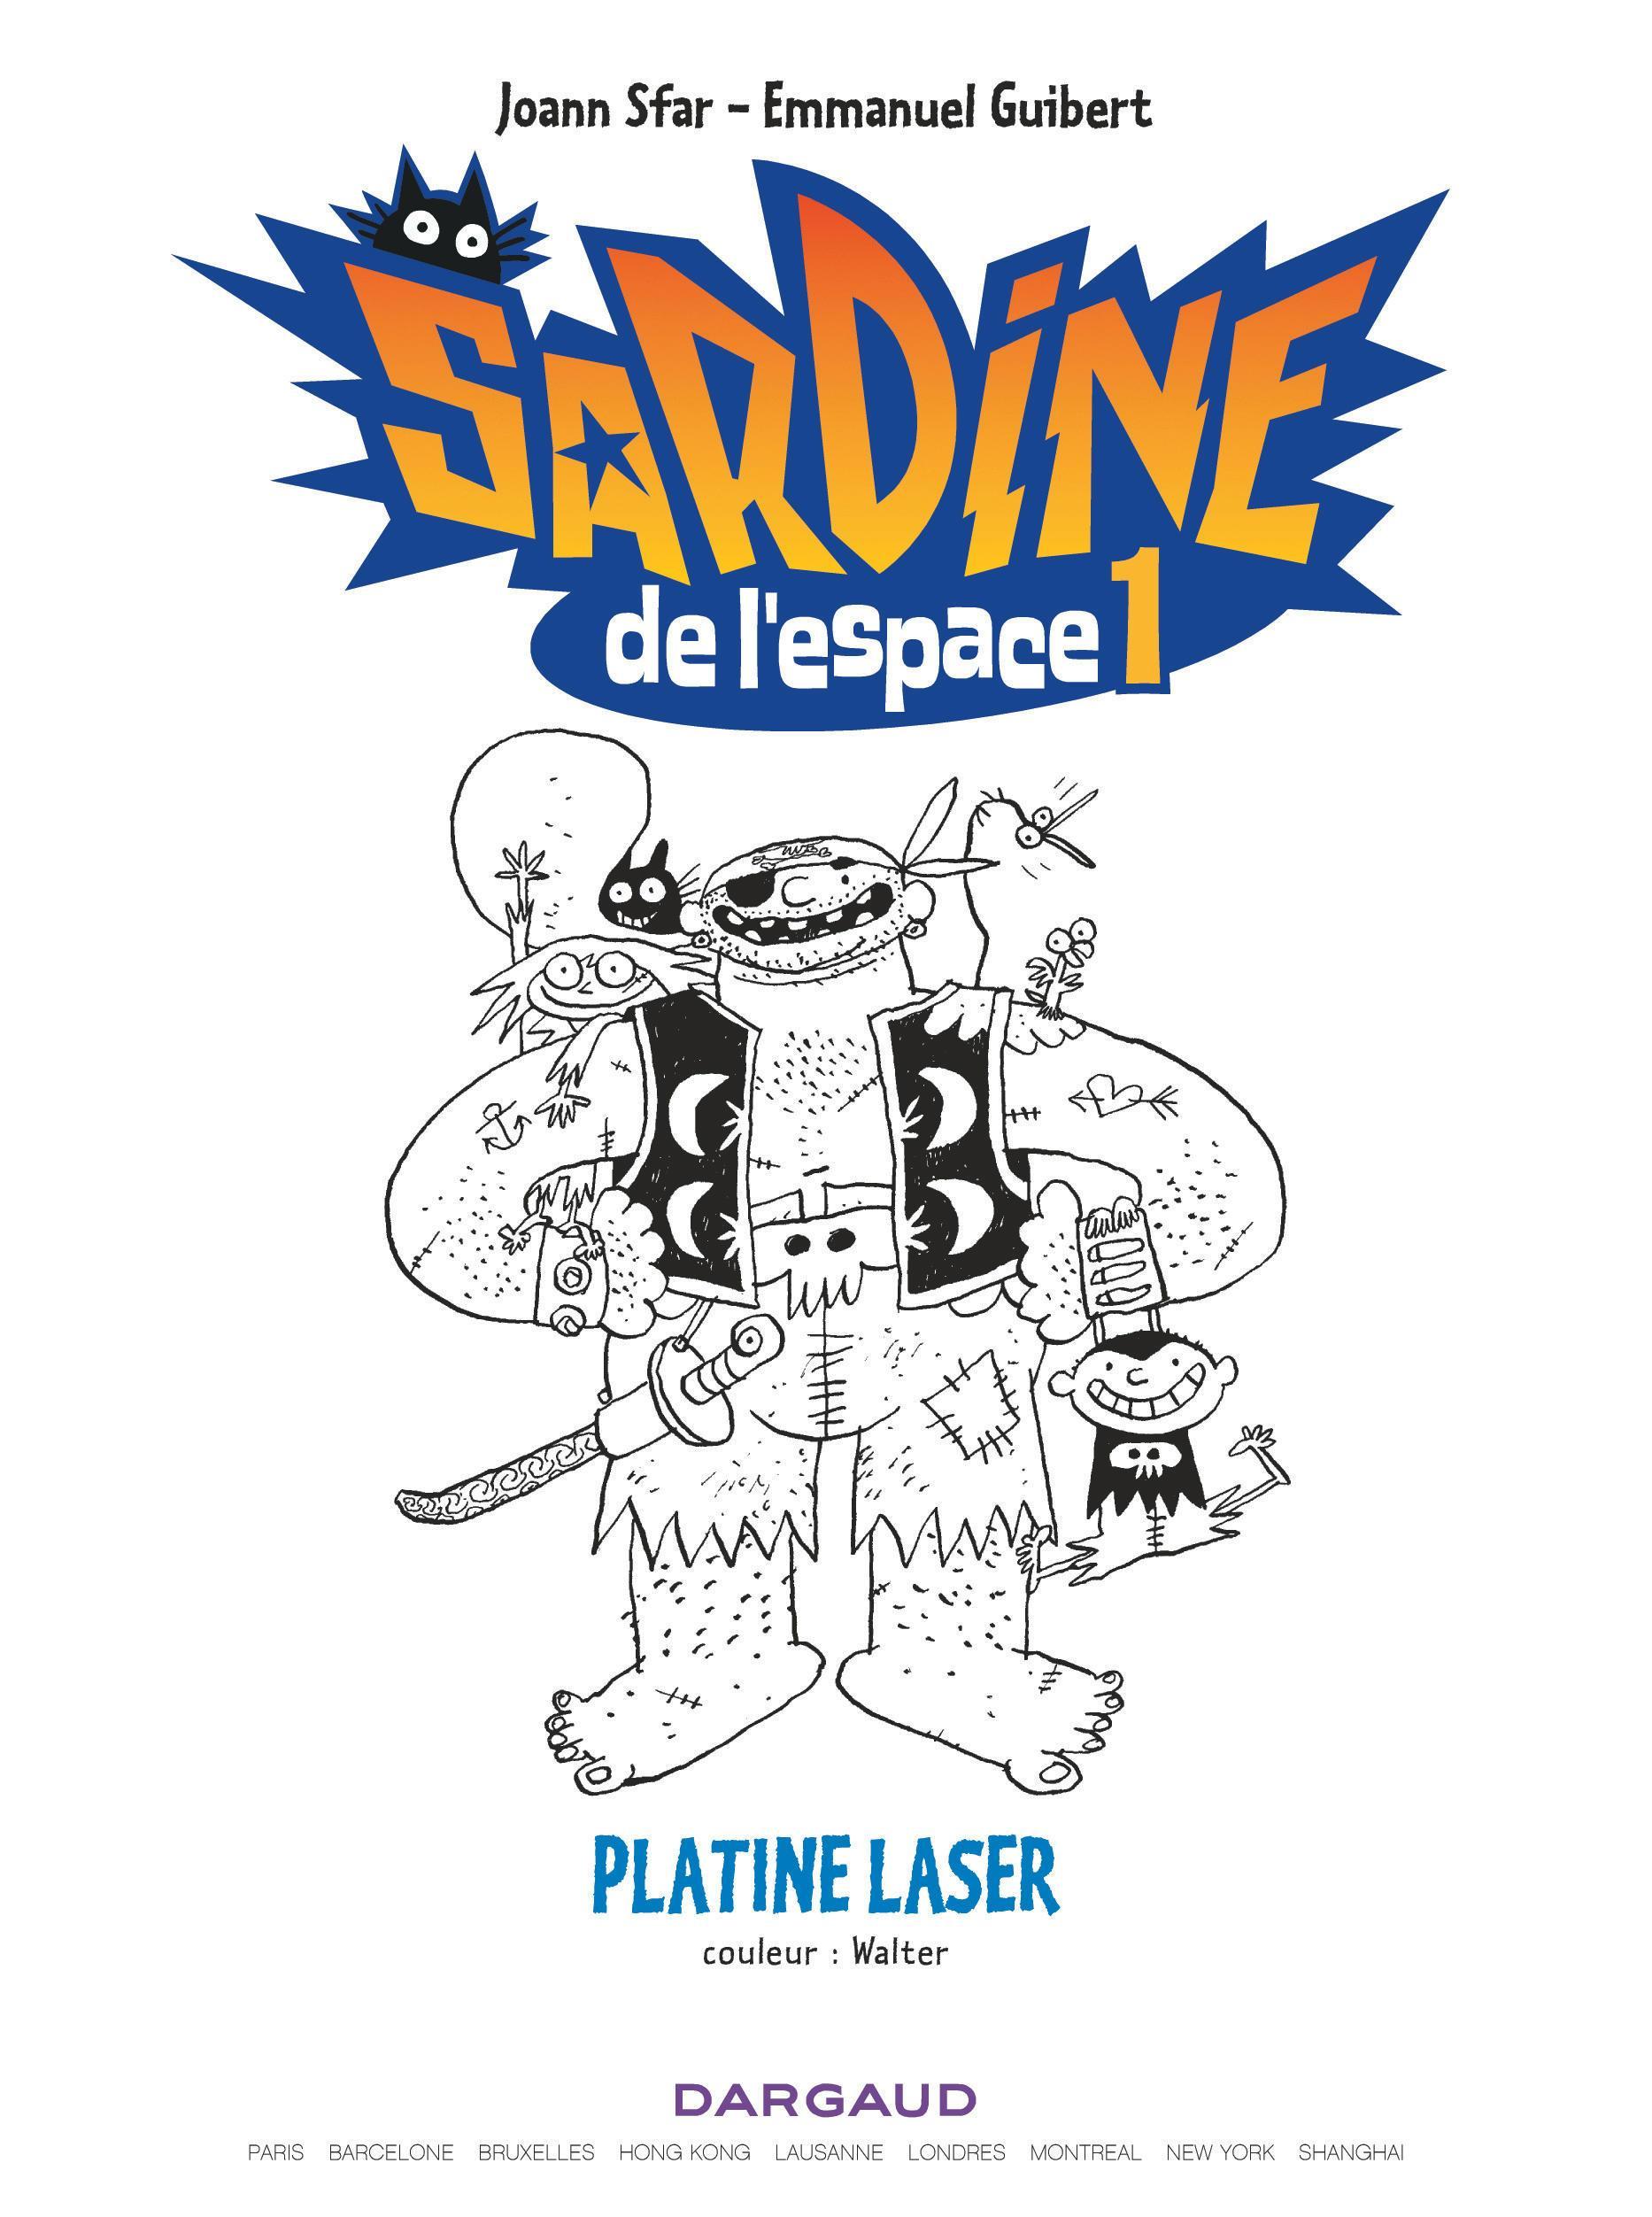 Platine laser